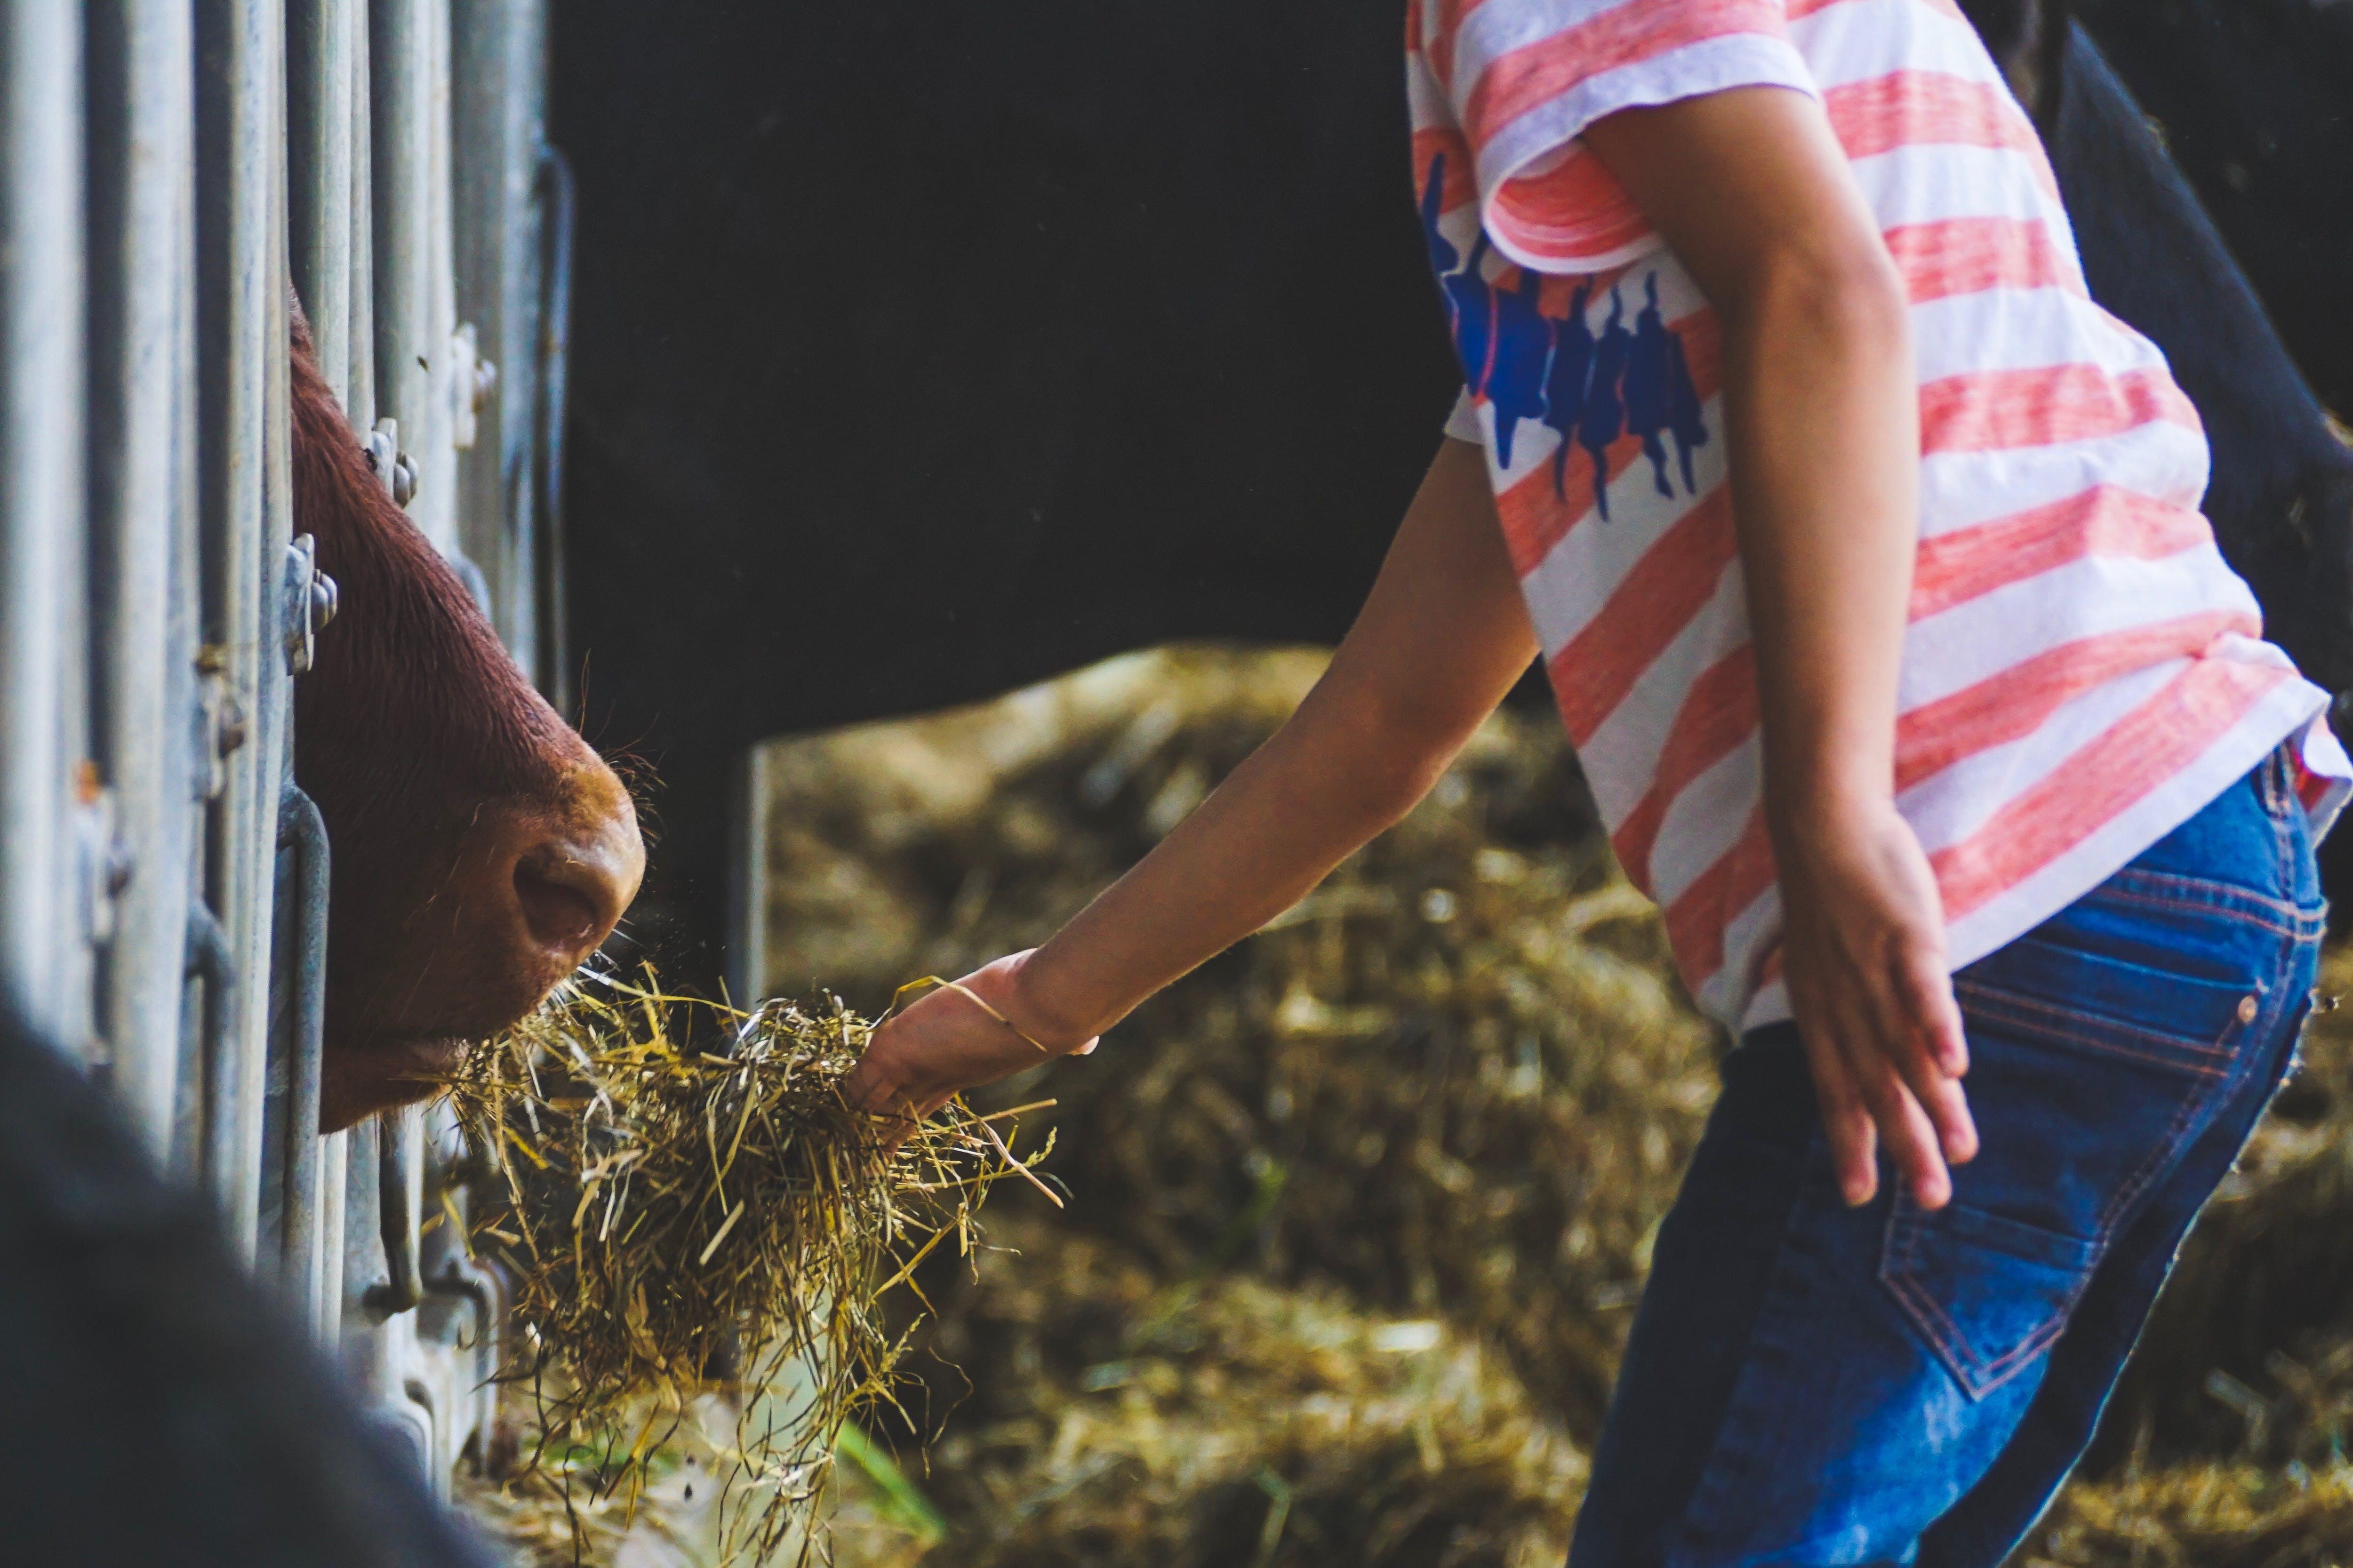 Δωρεάν στοκ φωτογραφιών με αγρόκτημα, άνθρωπος, ζώο, σίτιση